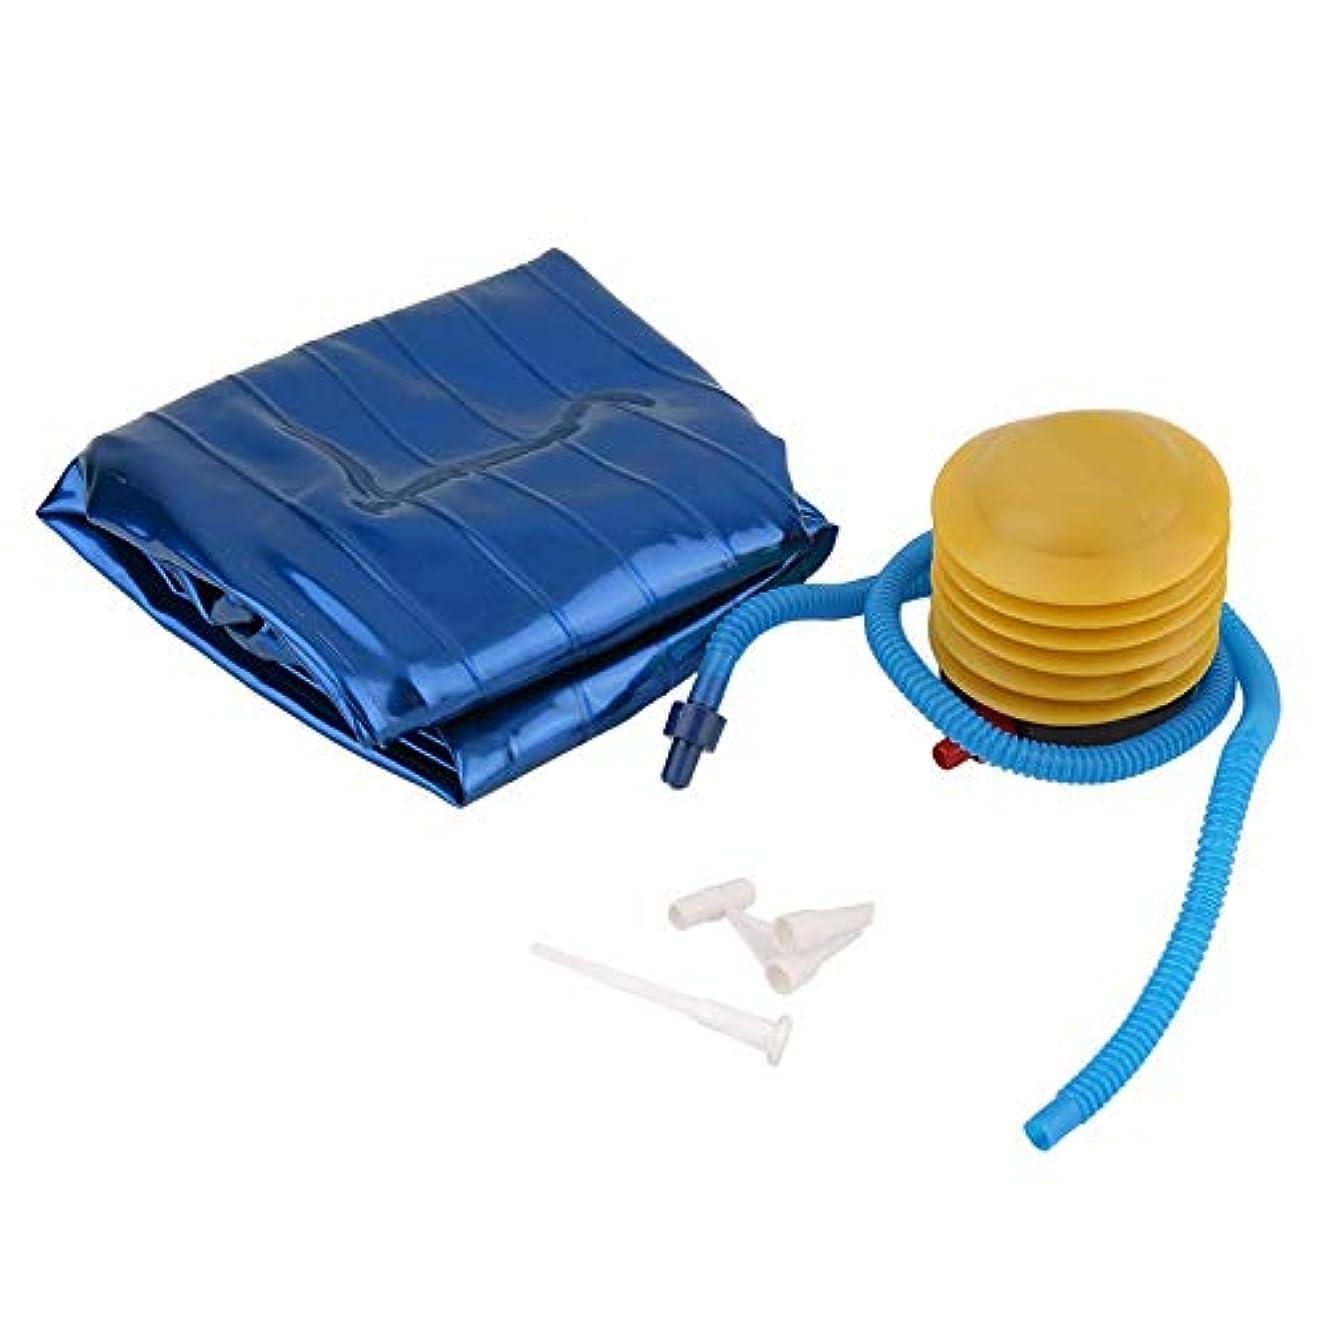 芽エスニック介入するフィットネスピラティスヨガボールユーティリティウェイトトレーニングの柔軟性バランススポーツ厚みのあるPVC滑り止めポンププラグ付きフィットネス用 - 青